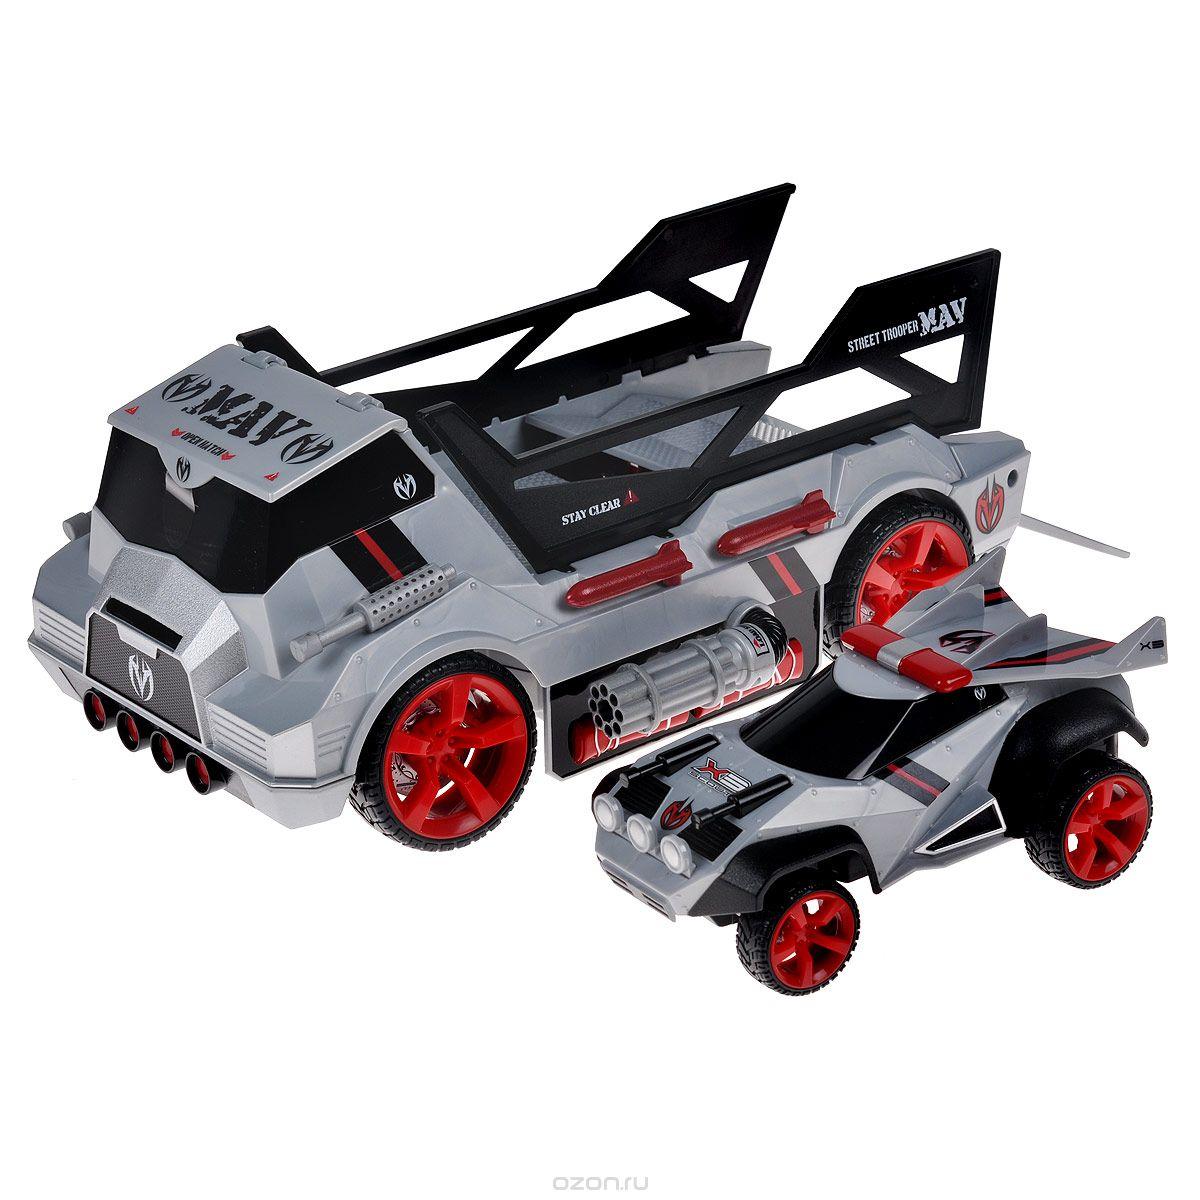 """Радиоуправляемая модель Maisto """"Menace Hauler+Scout X3"""" непременно понравится любому мальчику. Набор выполнен из безопасного пластика и включает хаулер и машинку. С помощью пульта управления можно управлять либо хаулером, либо машинкой. Хаулер способен стрелять дисками. Машинка представляет собой разведывательный автомобиль, который оснащен рулевым управлением и механизмом переднего и заднего хода. Трап поднимается автоматически, когда автомобиль снова оказывается на борту. В комплект входит хаулер, машина, пульт управления, 12 дисков и инструкция по эксплуатации на русском языке. Порадуйте своего ребенка таким замечательным подарком! Пульт управления работает от аккумулятора c напряжением 9V (входит в комплект). Хаулер работает от 6 батарей напряжением 1,5V типа AA (входят в комплект). Машинка работает от 3 батарей напряжением 1,5V типа AA (входят в комплект)."""